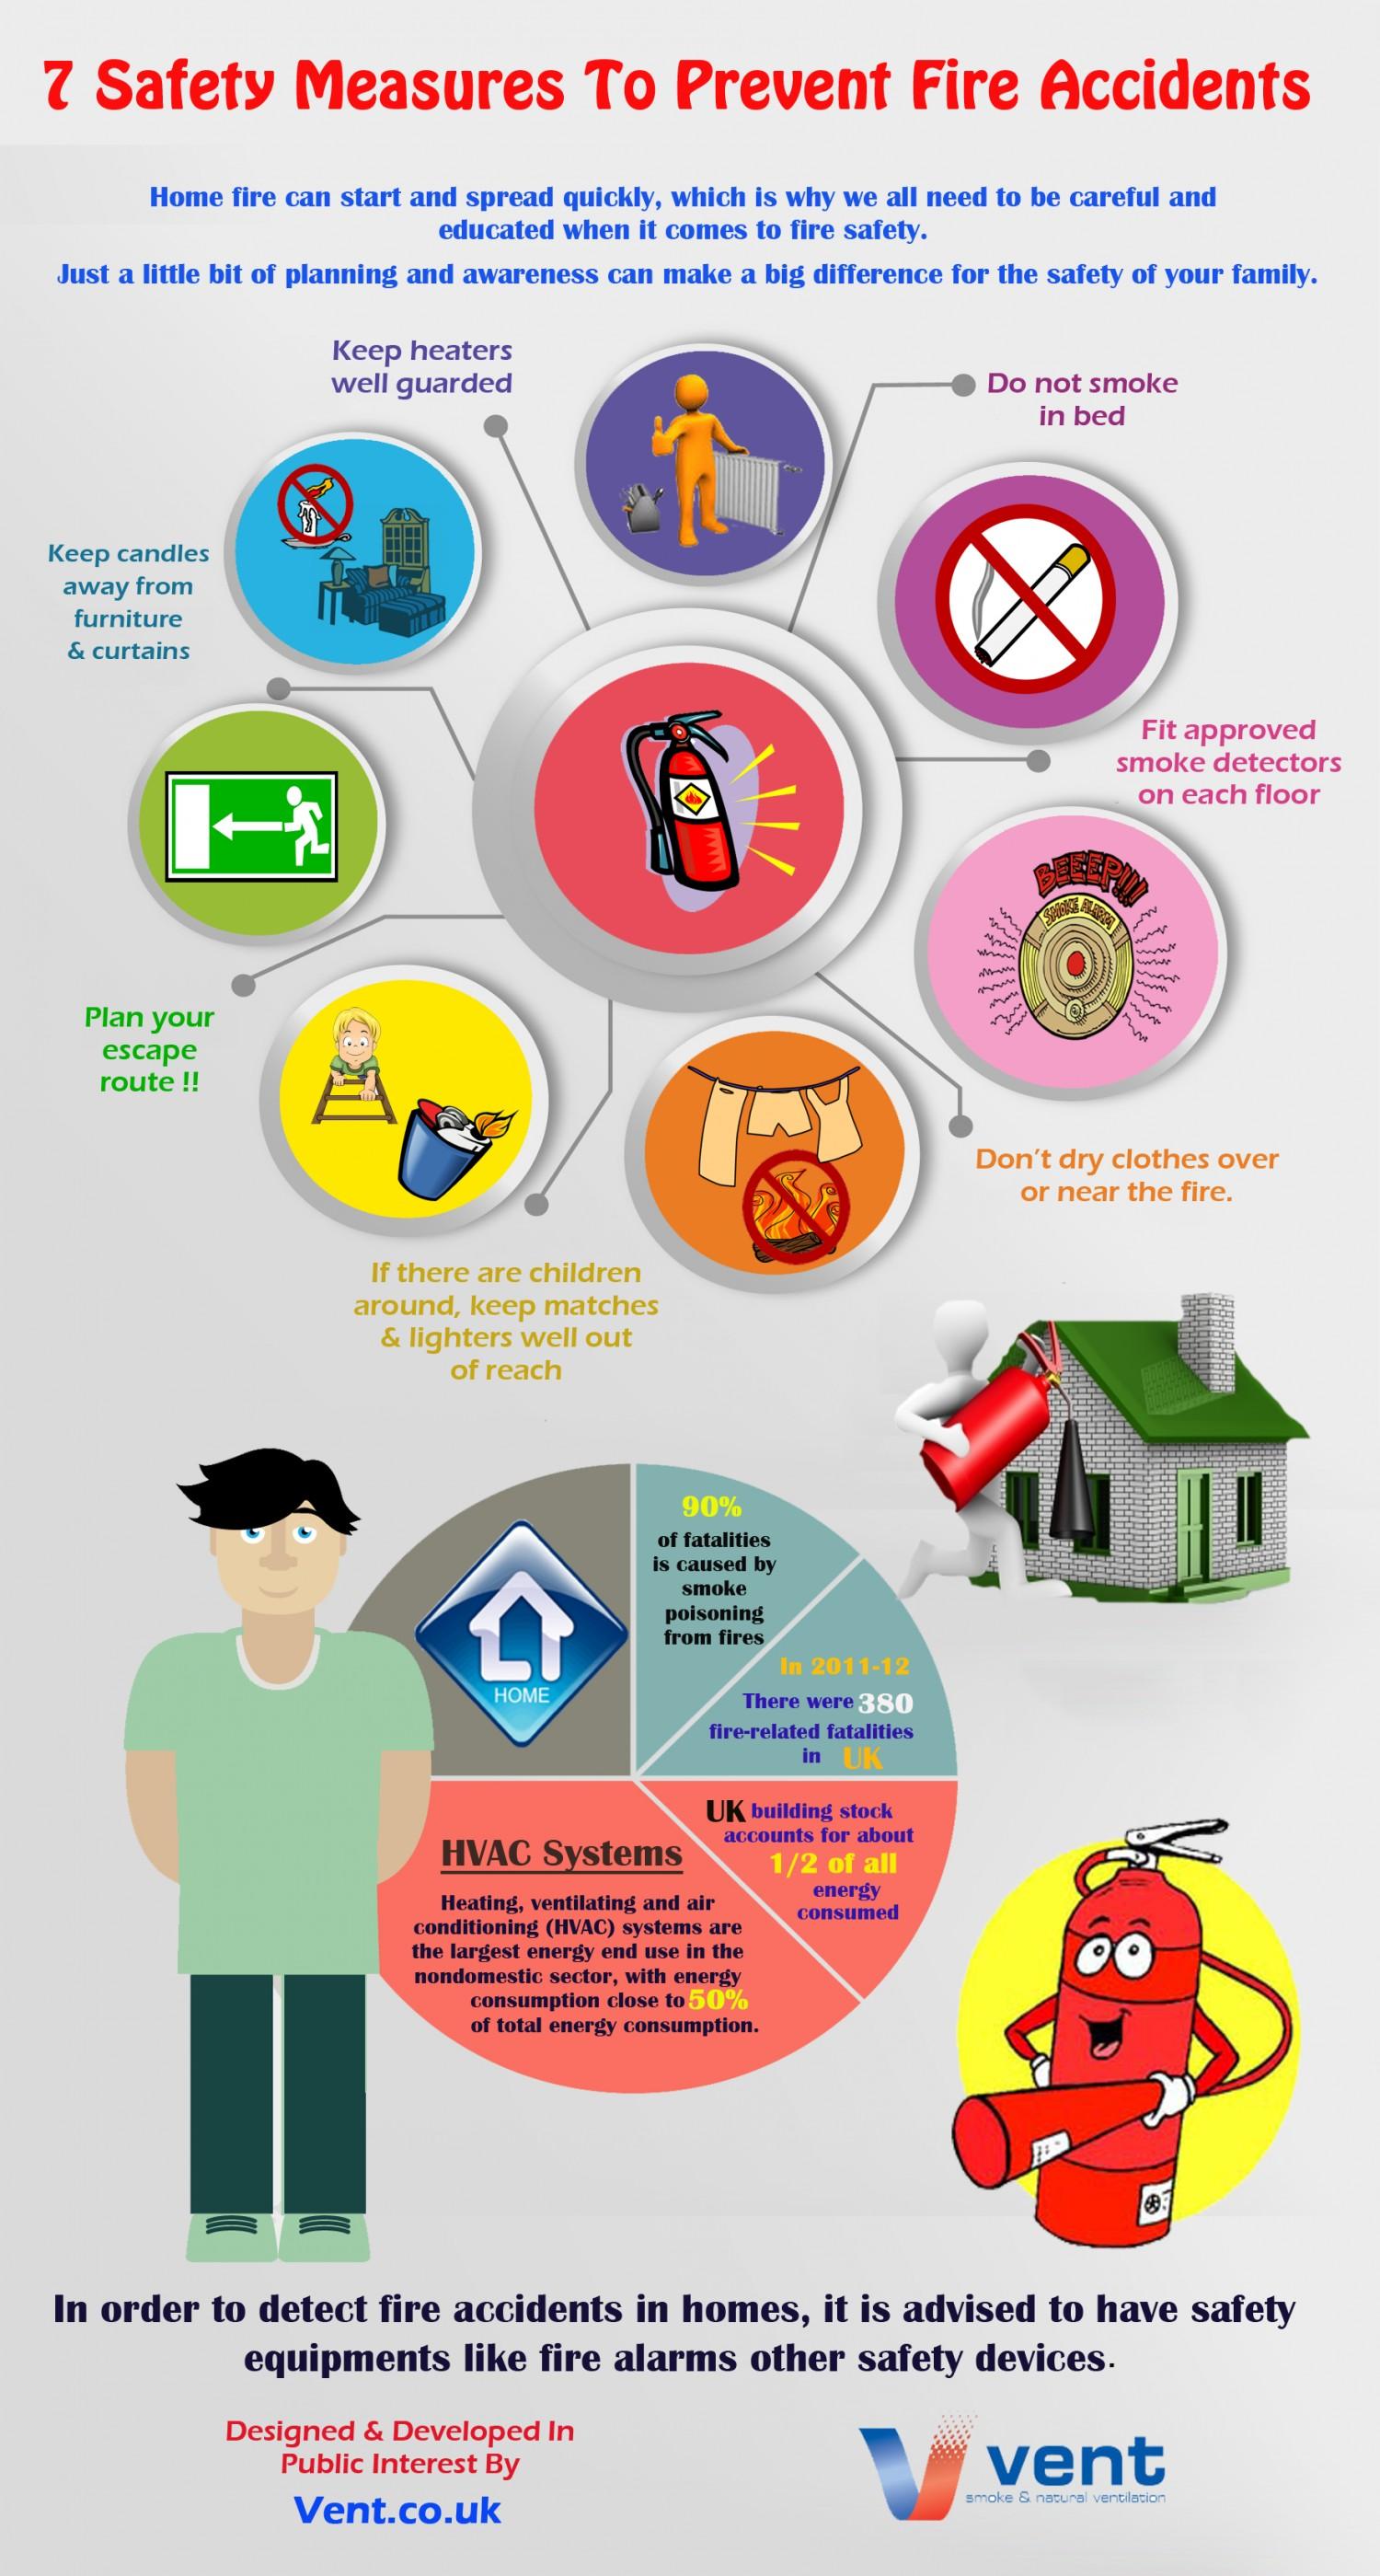 National Burns Awareness Week